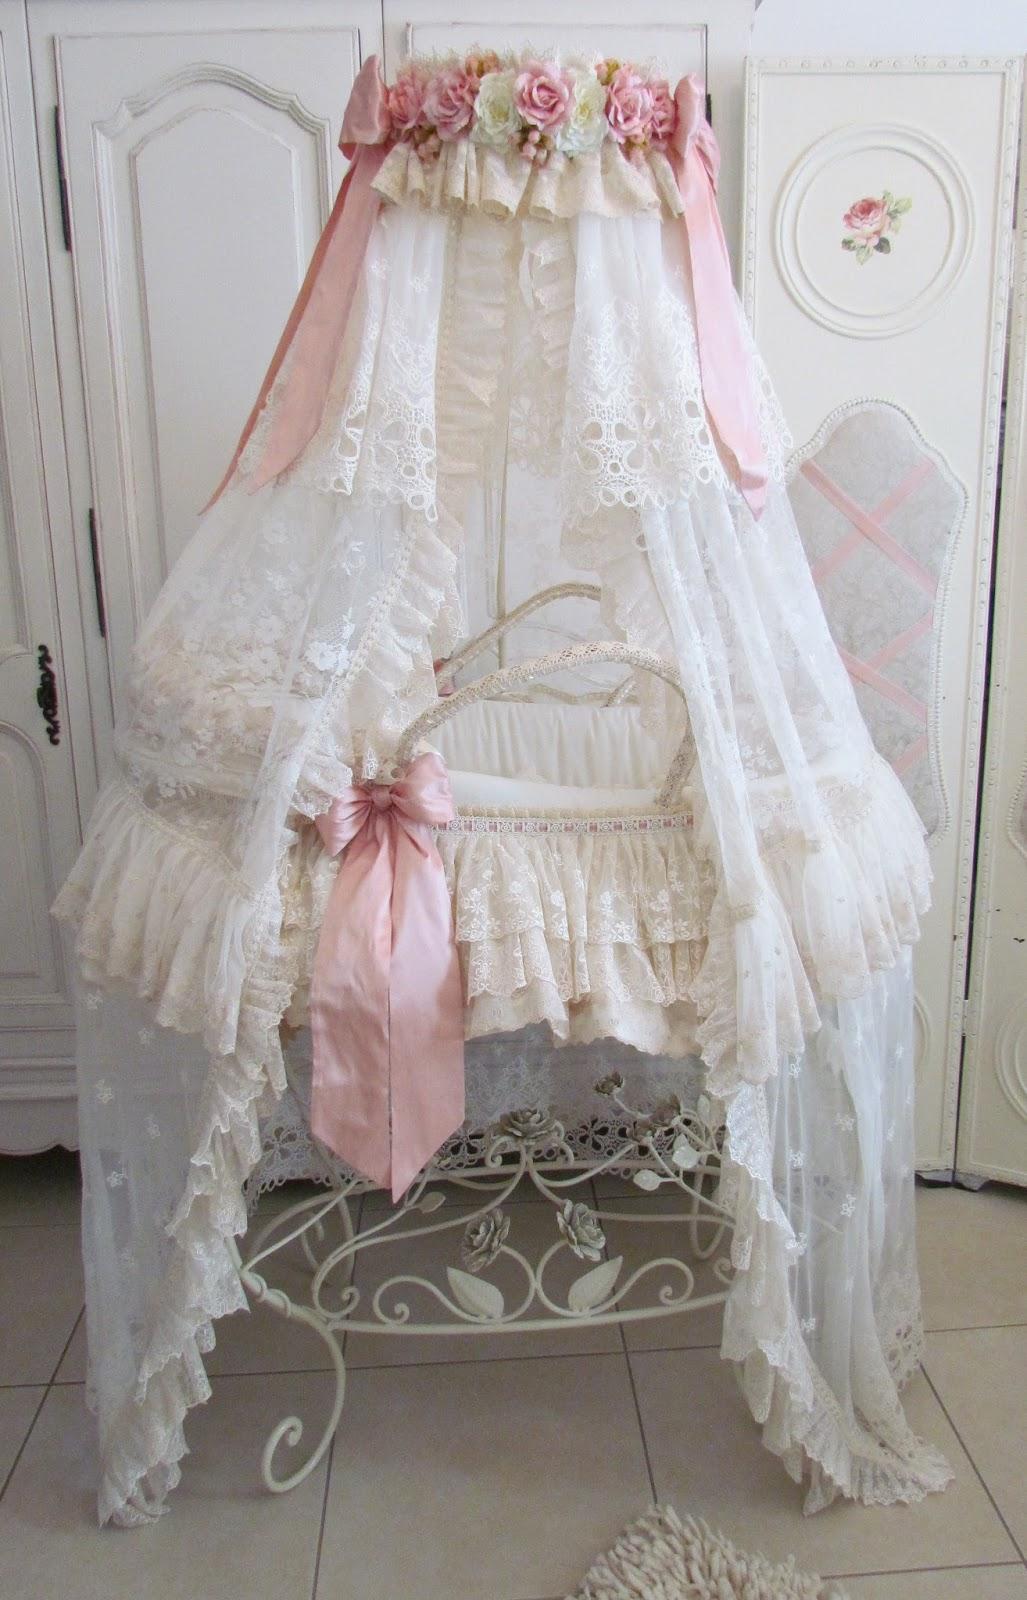 bebek-yatagi-romantik-tarz